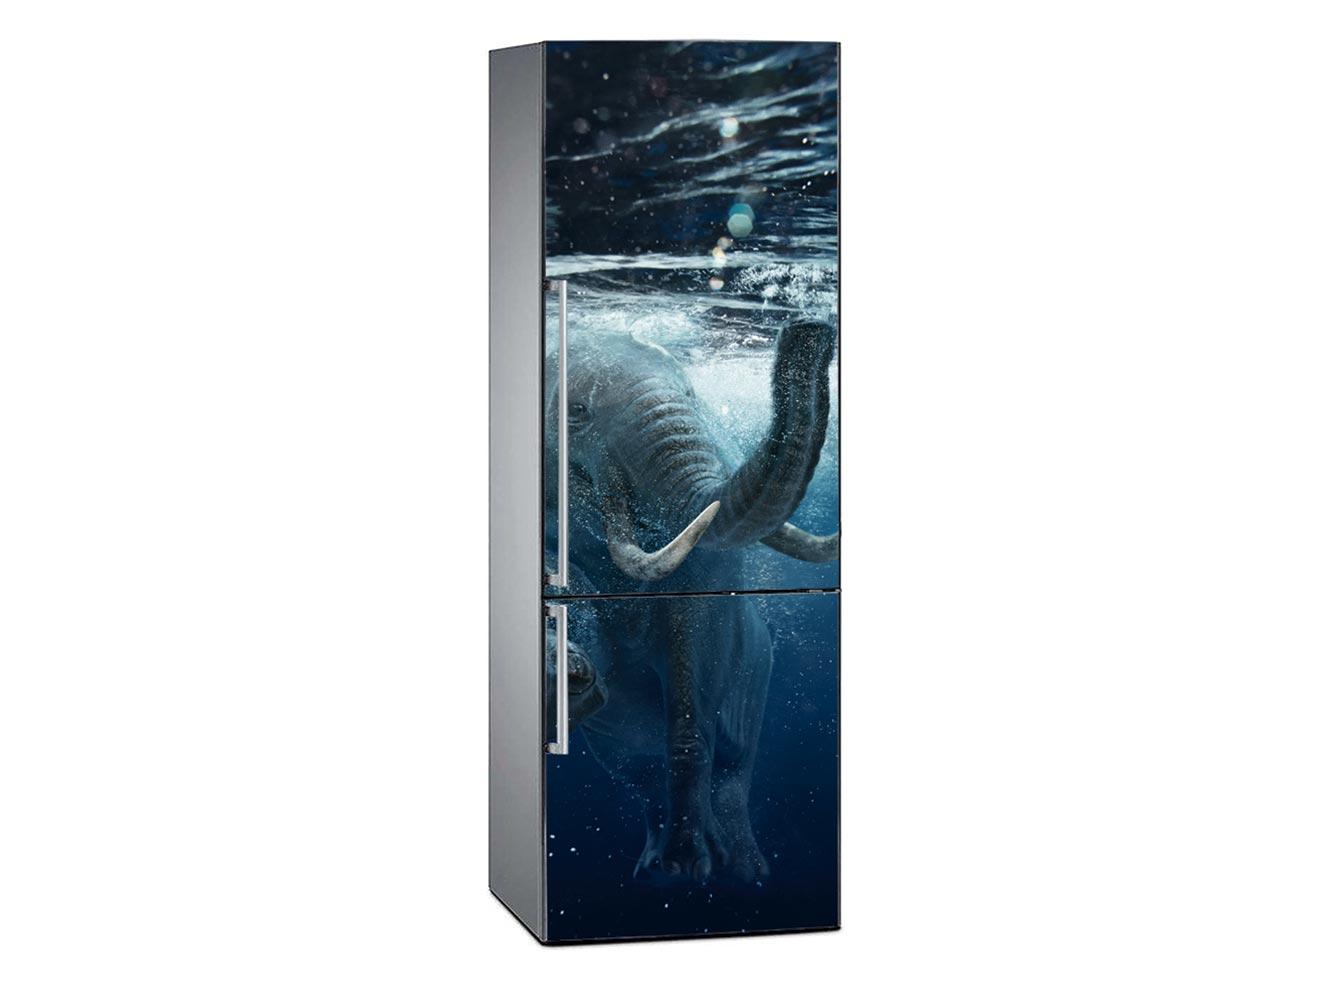 Vinilo Frigorífico Elefante Bajo el Agua | Carteles XXL - Impresión carteleria publicitaria